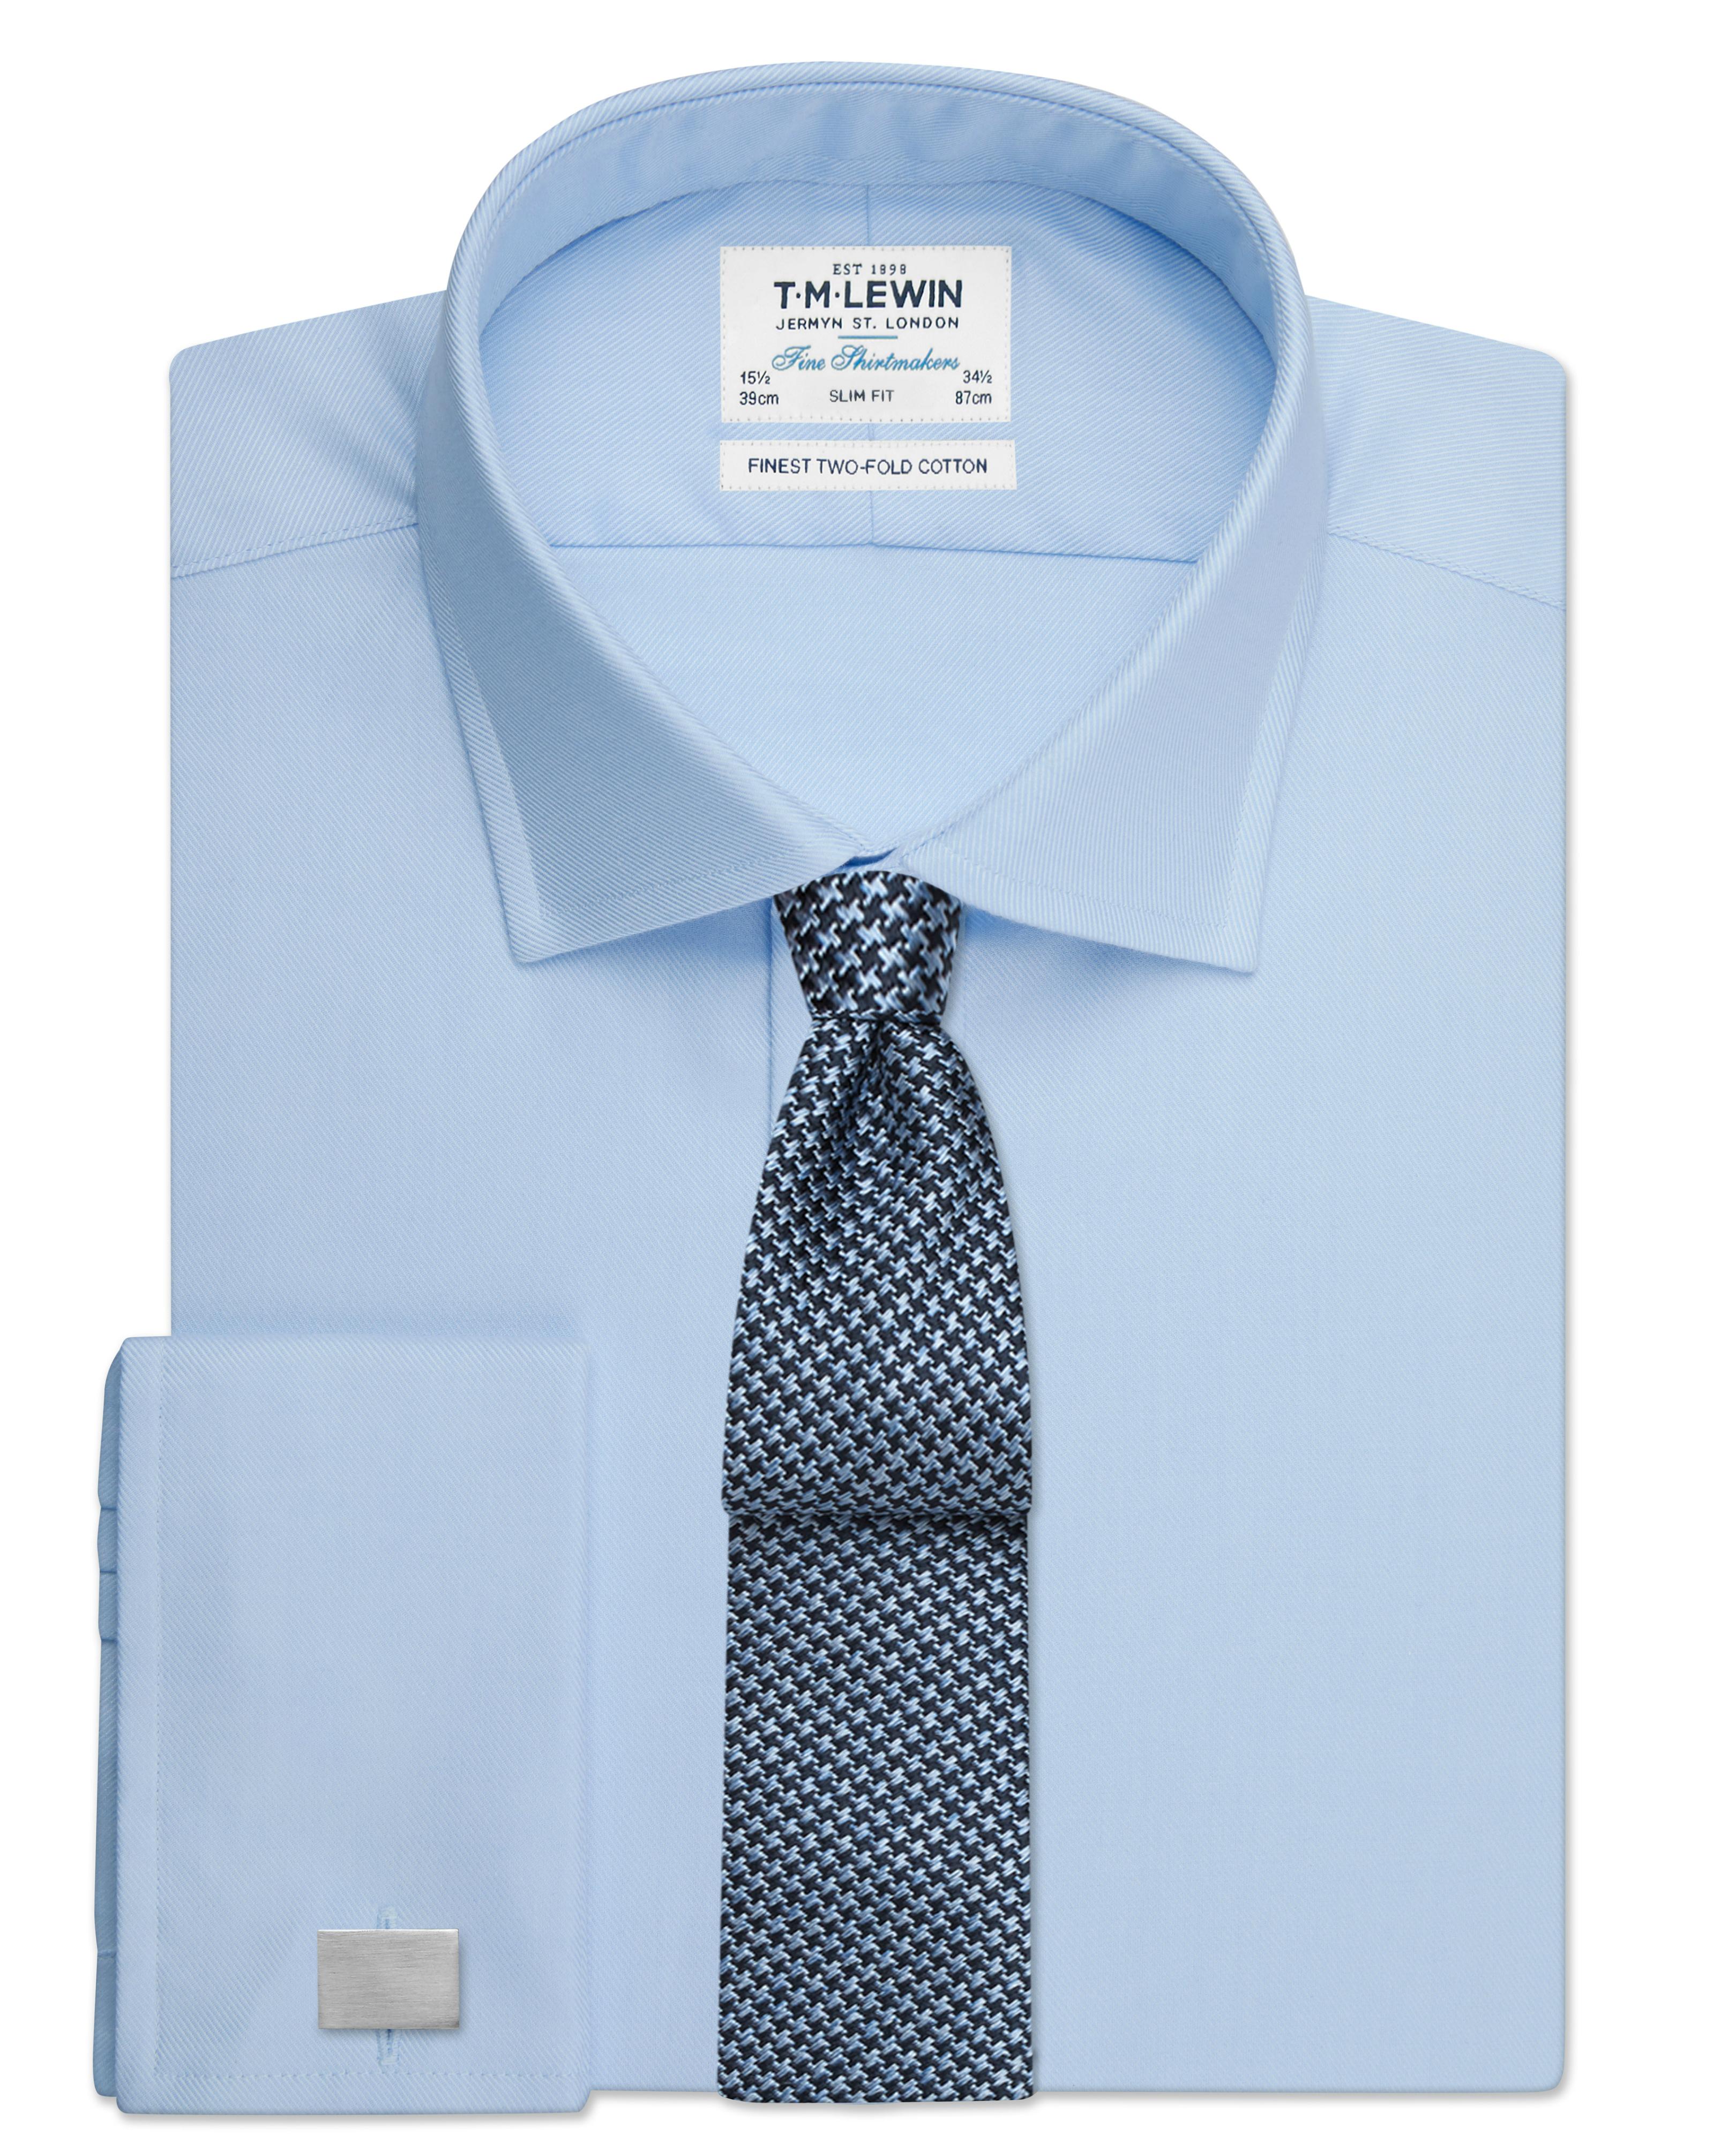 T-M-Lewin-Mens-Azul-Cielo-Twill-de-Superdry-de-corte-ajustado-doble-puno